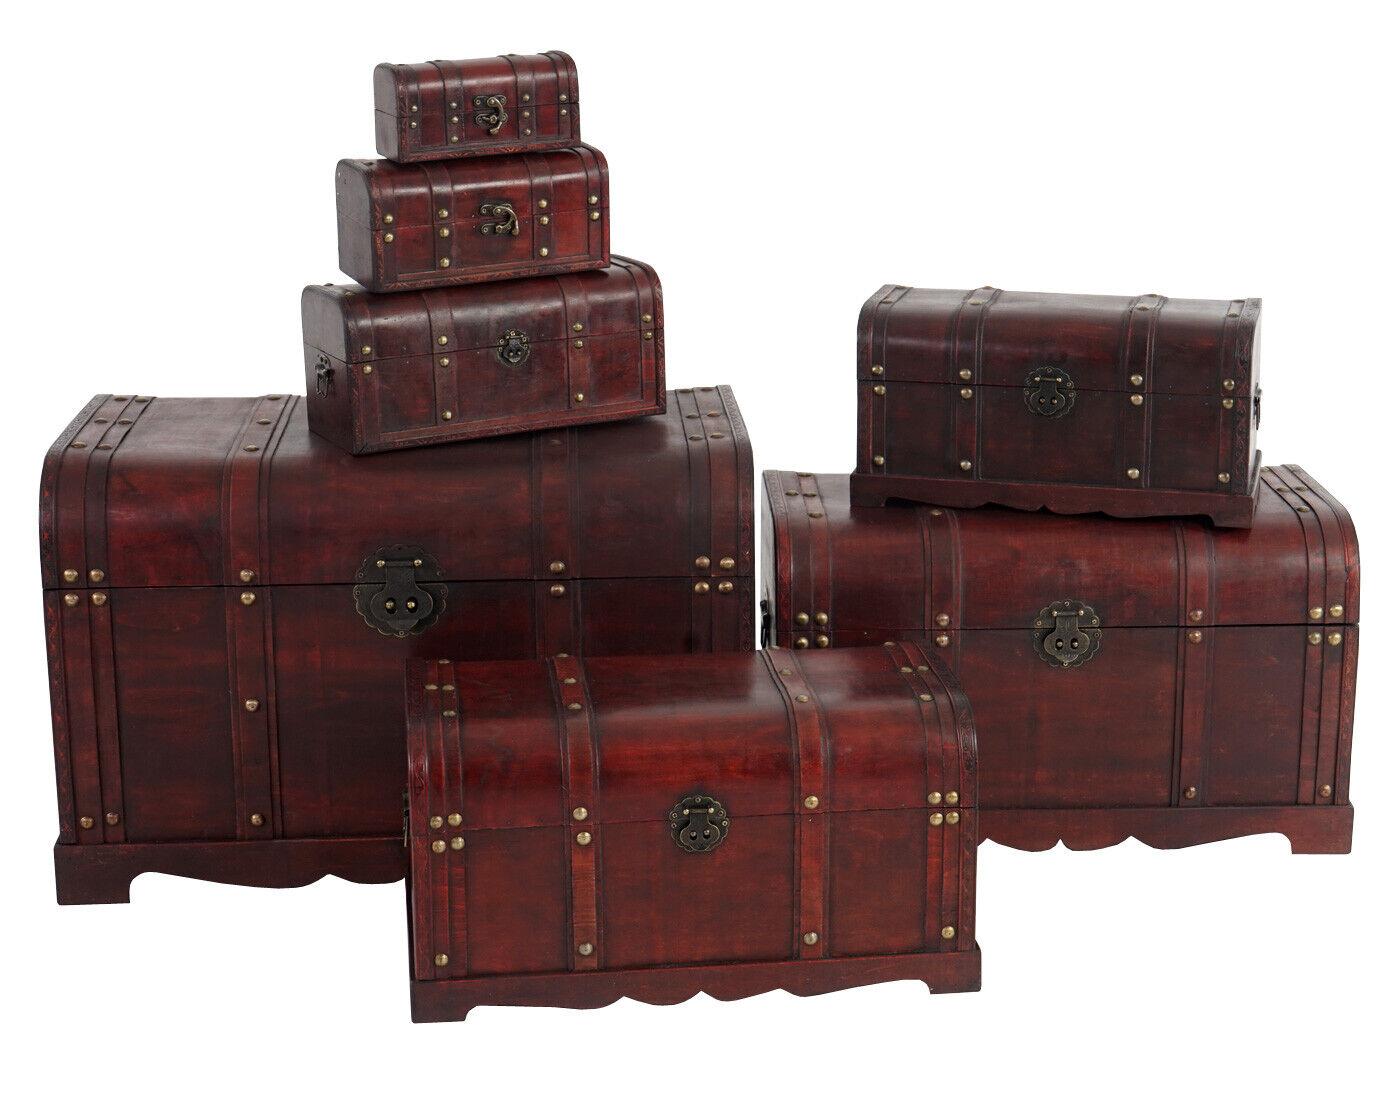 7er Set Holztruhe Holzbox Antibes Antikoptik 10x21x10 bis bis bis 49x77x47cm rund | Günstige Bestellung  65d8c1